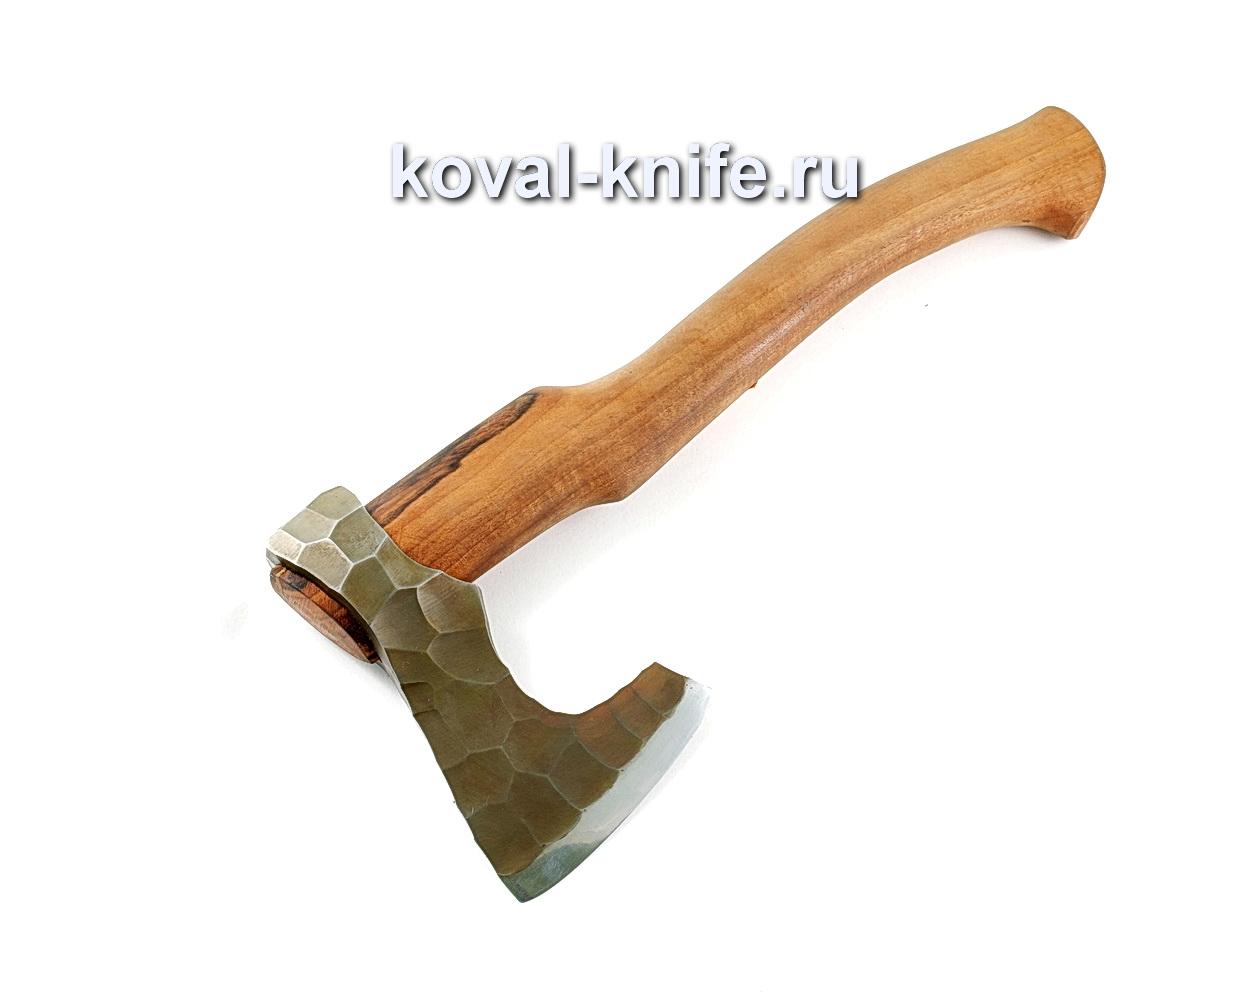 Топор (сталь 9хс), рукоять орех A178